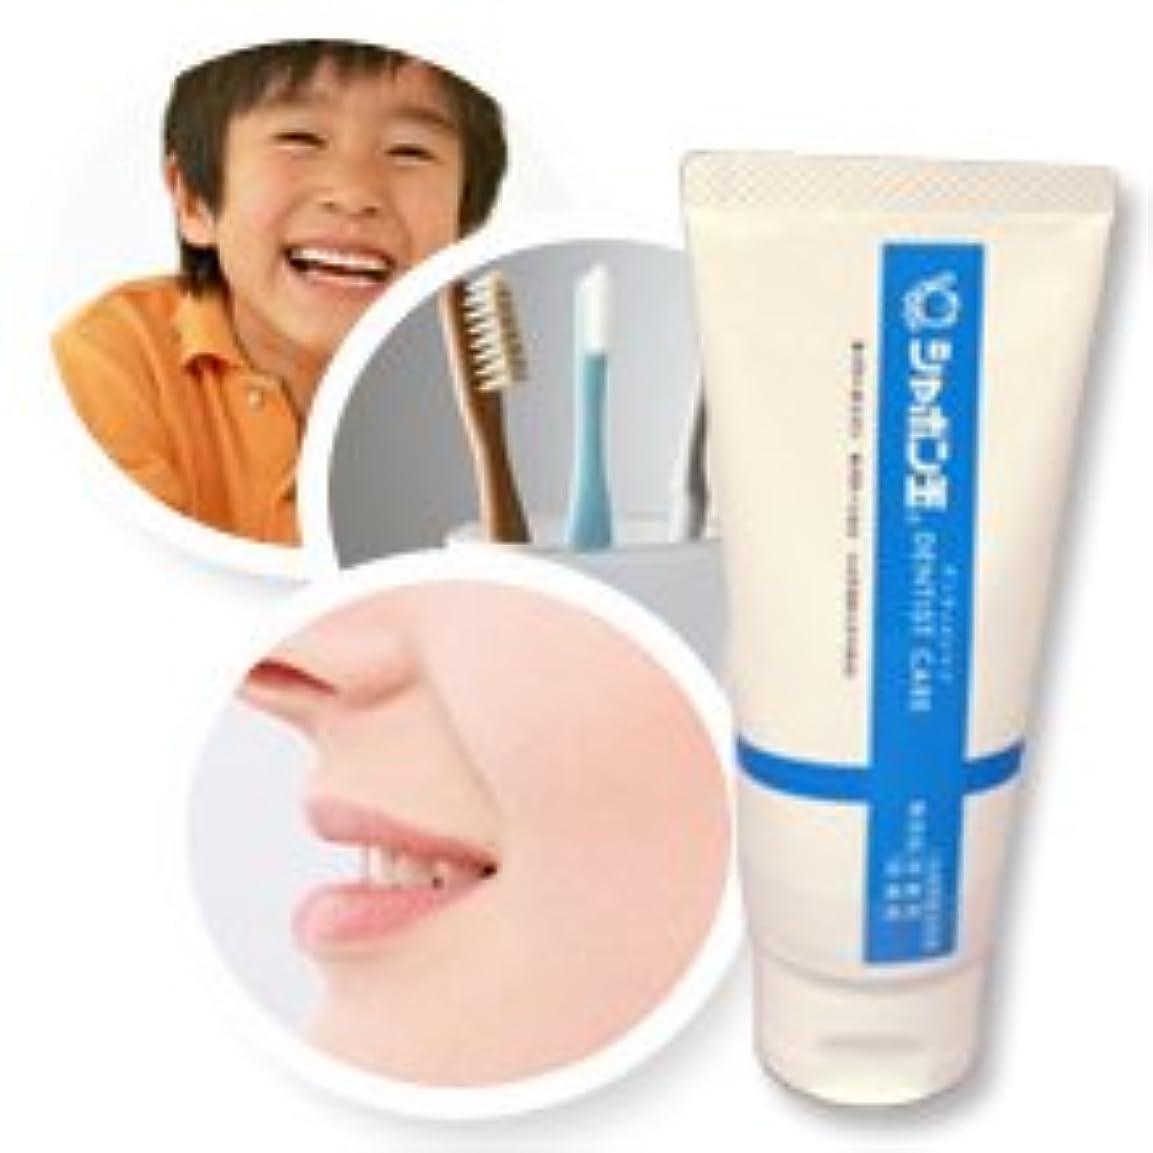 ファンシー文盆歯科医が開発した歯周病や口臭?虫歯が気になる方へ【歯磨き粉】【シャボン玉デンティストケア】